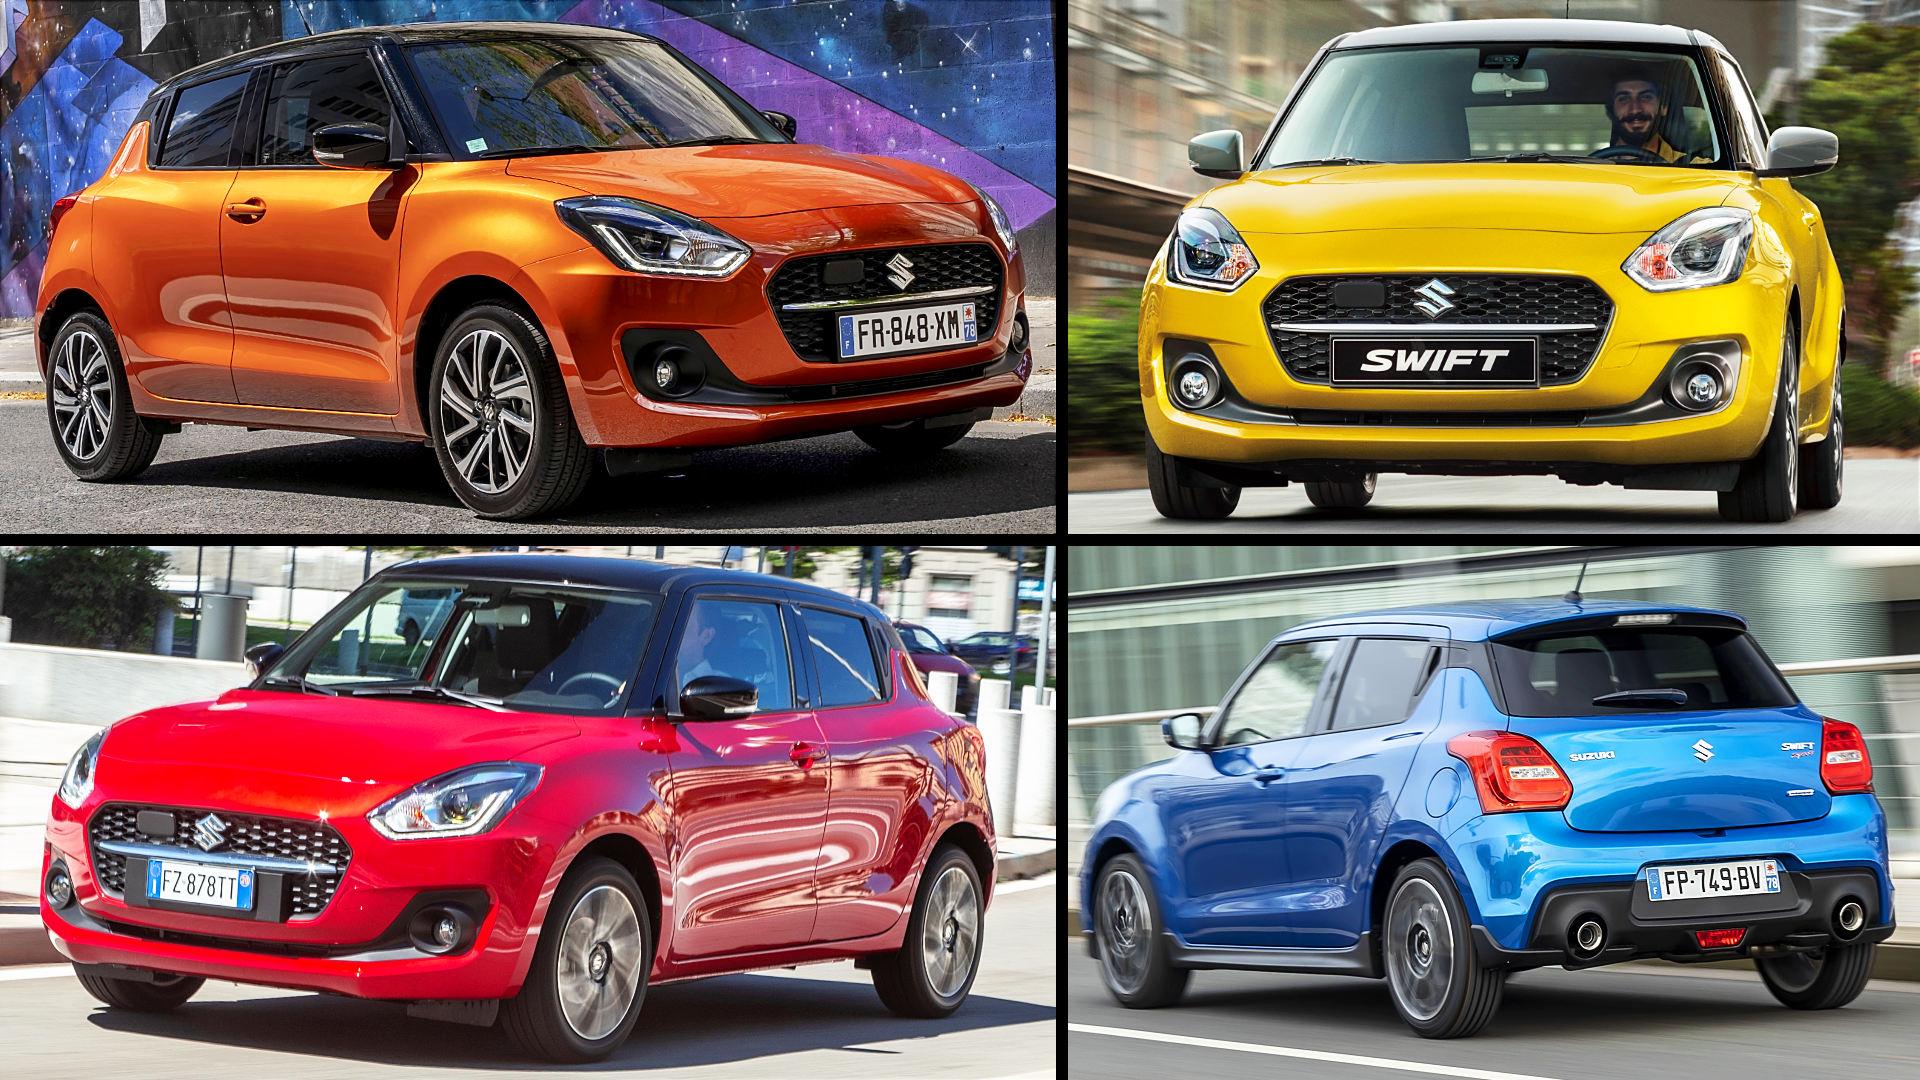 Suzuki Swift 2021 Hatchback Cars Pictures